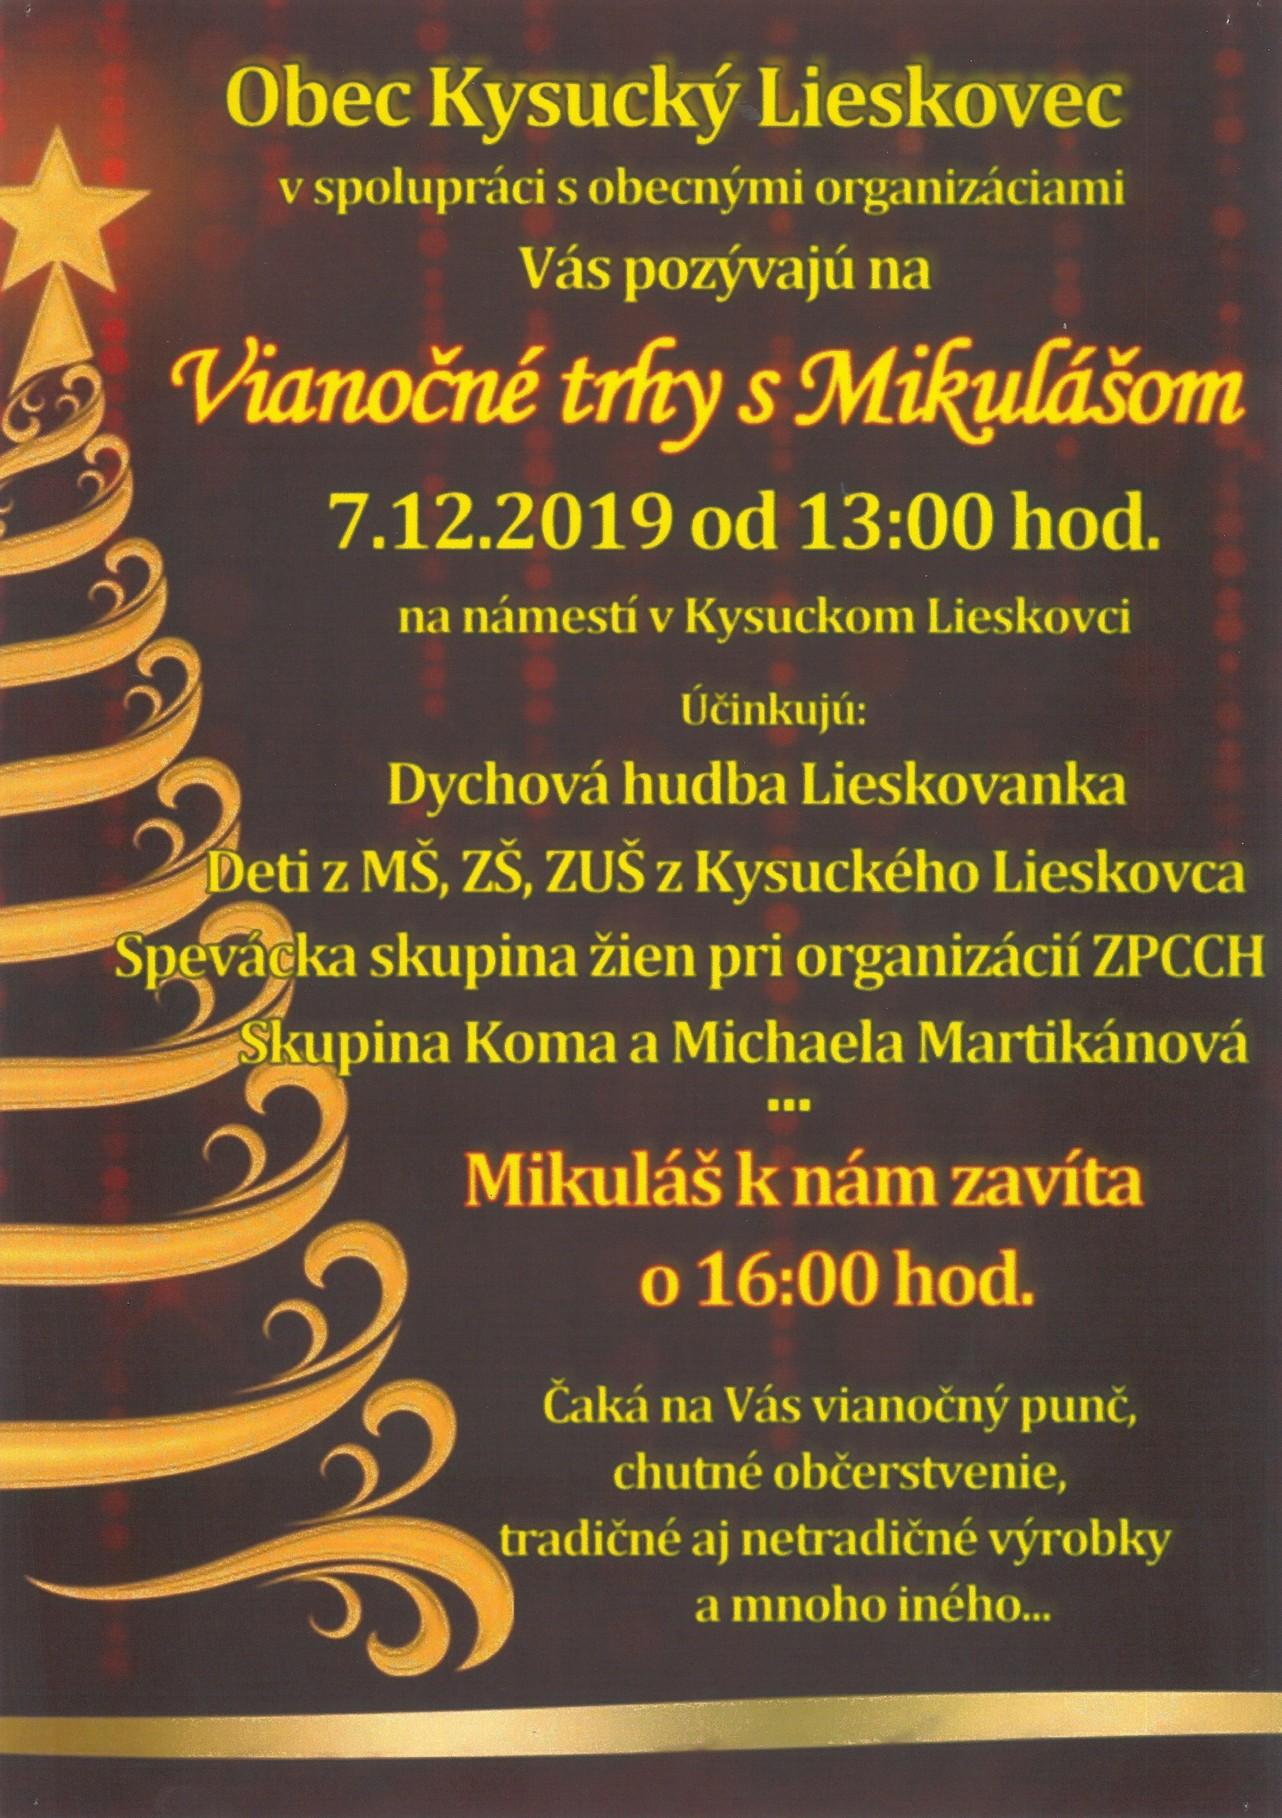 Obec Kysucký Lieskovec v spolupráci s obecnými organizáciami Vás pozývajú na Vianočné trhy s Mikulášom dňa 7.12.2019 od 13:00 hod.